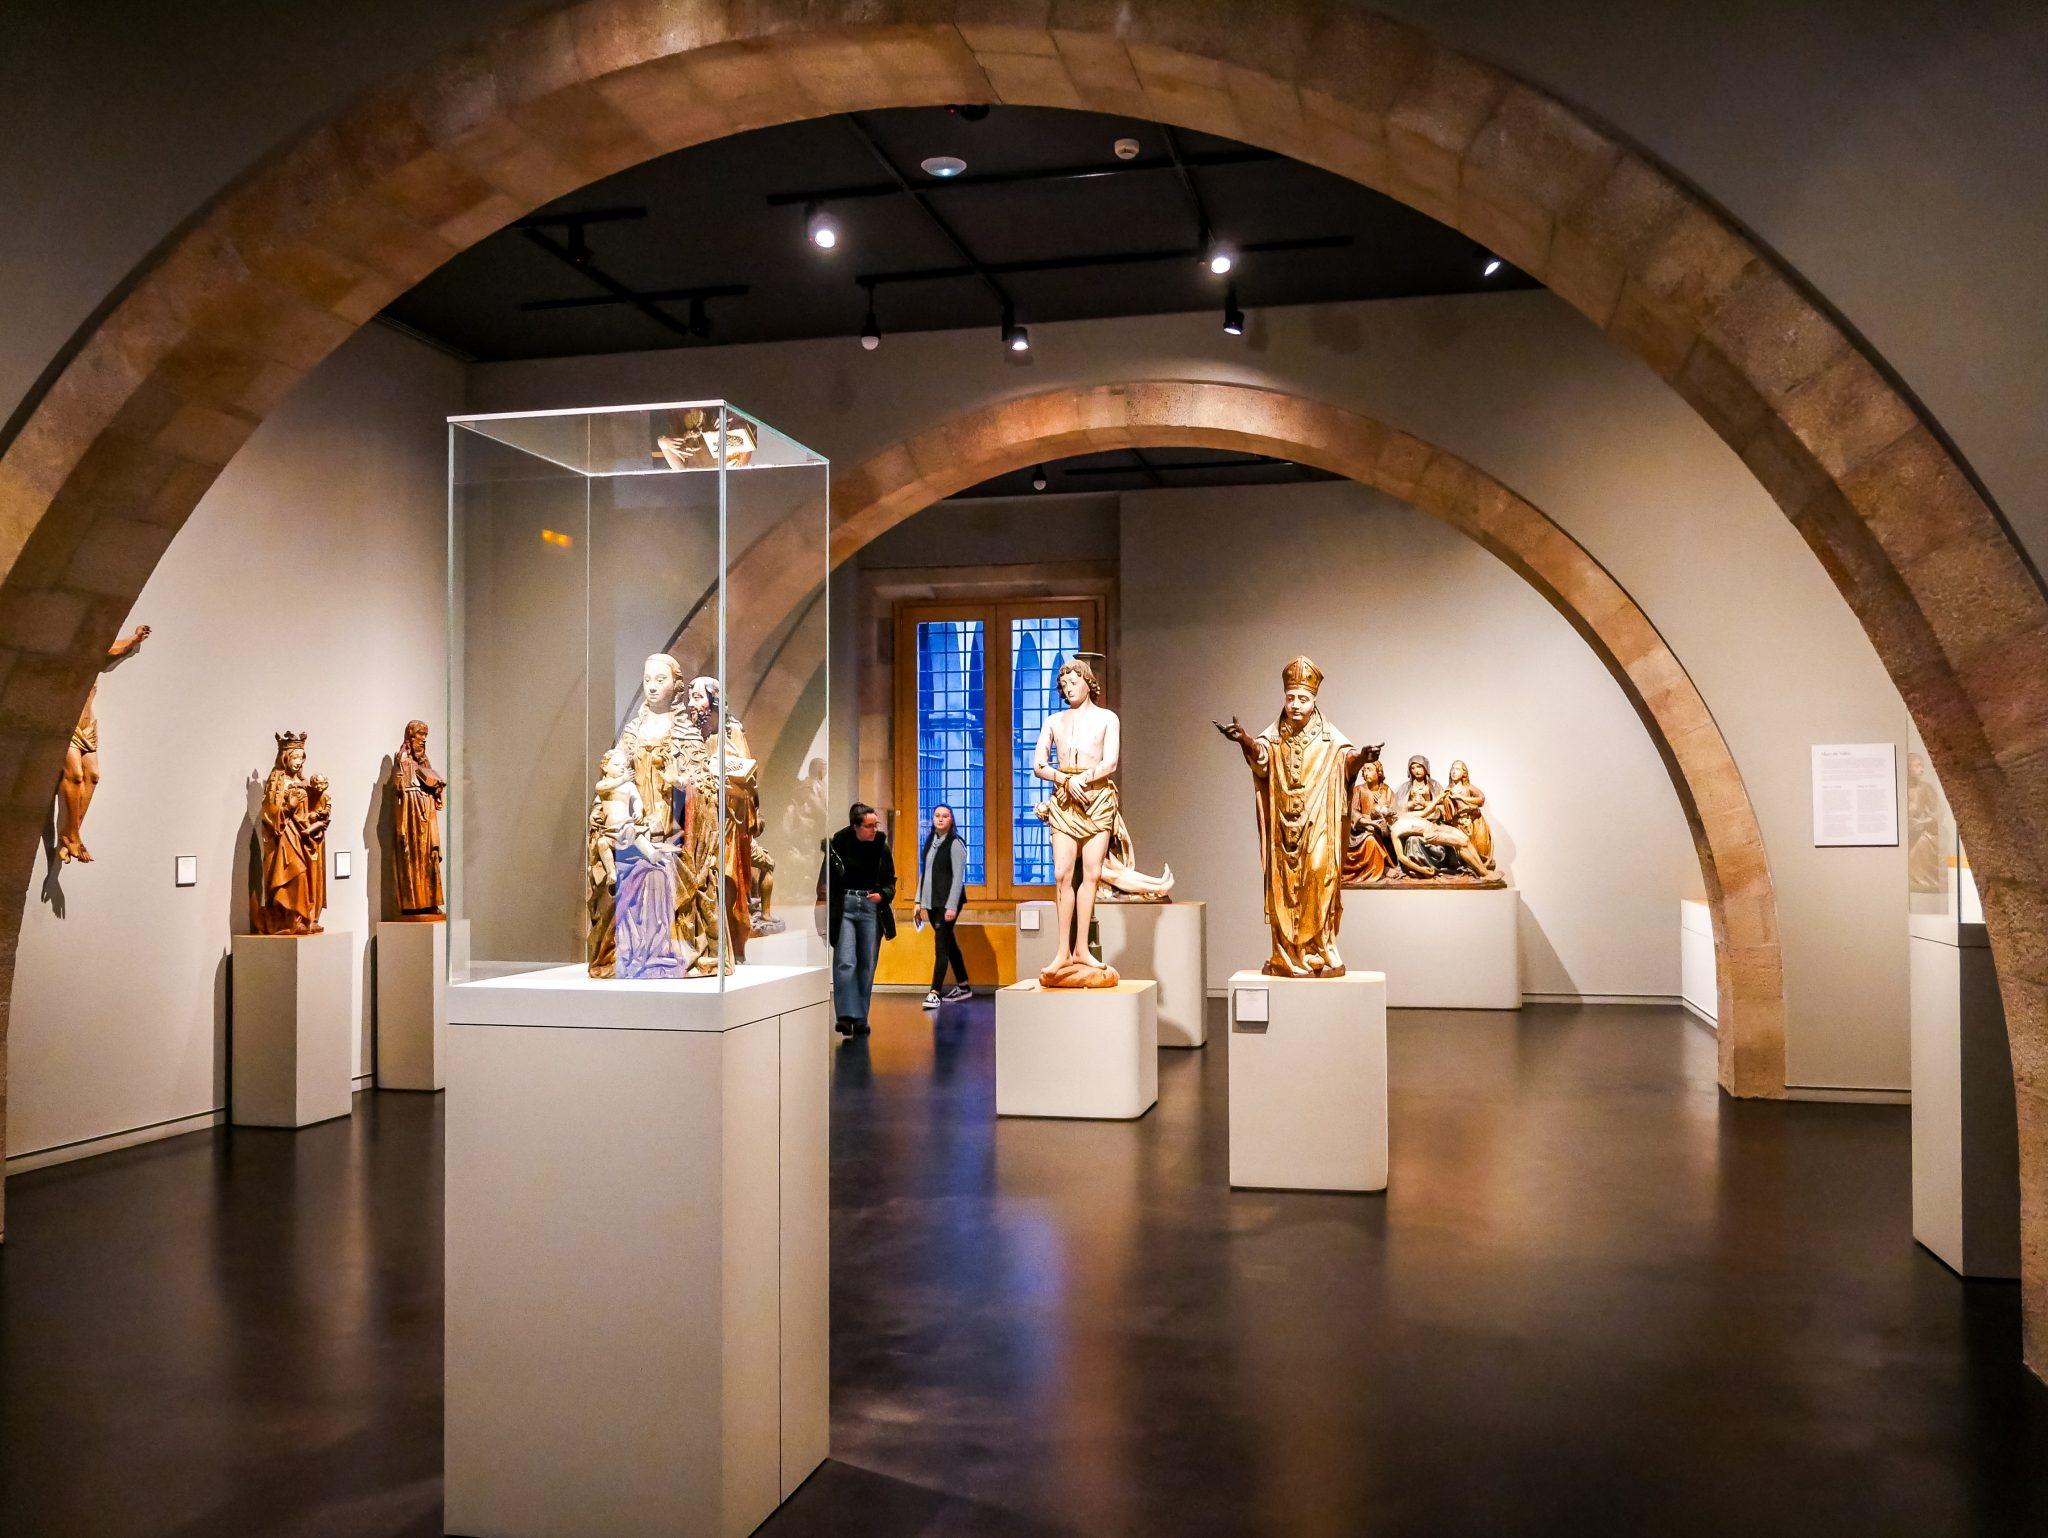 Die Sammlung im Museu Frederic Marès (MFM)ist der Wahnsinn und hat mich umgehauen. Von Skulpturen bis Schwerter - für jeden ist etwas dabei.